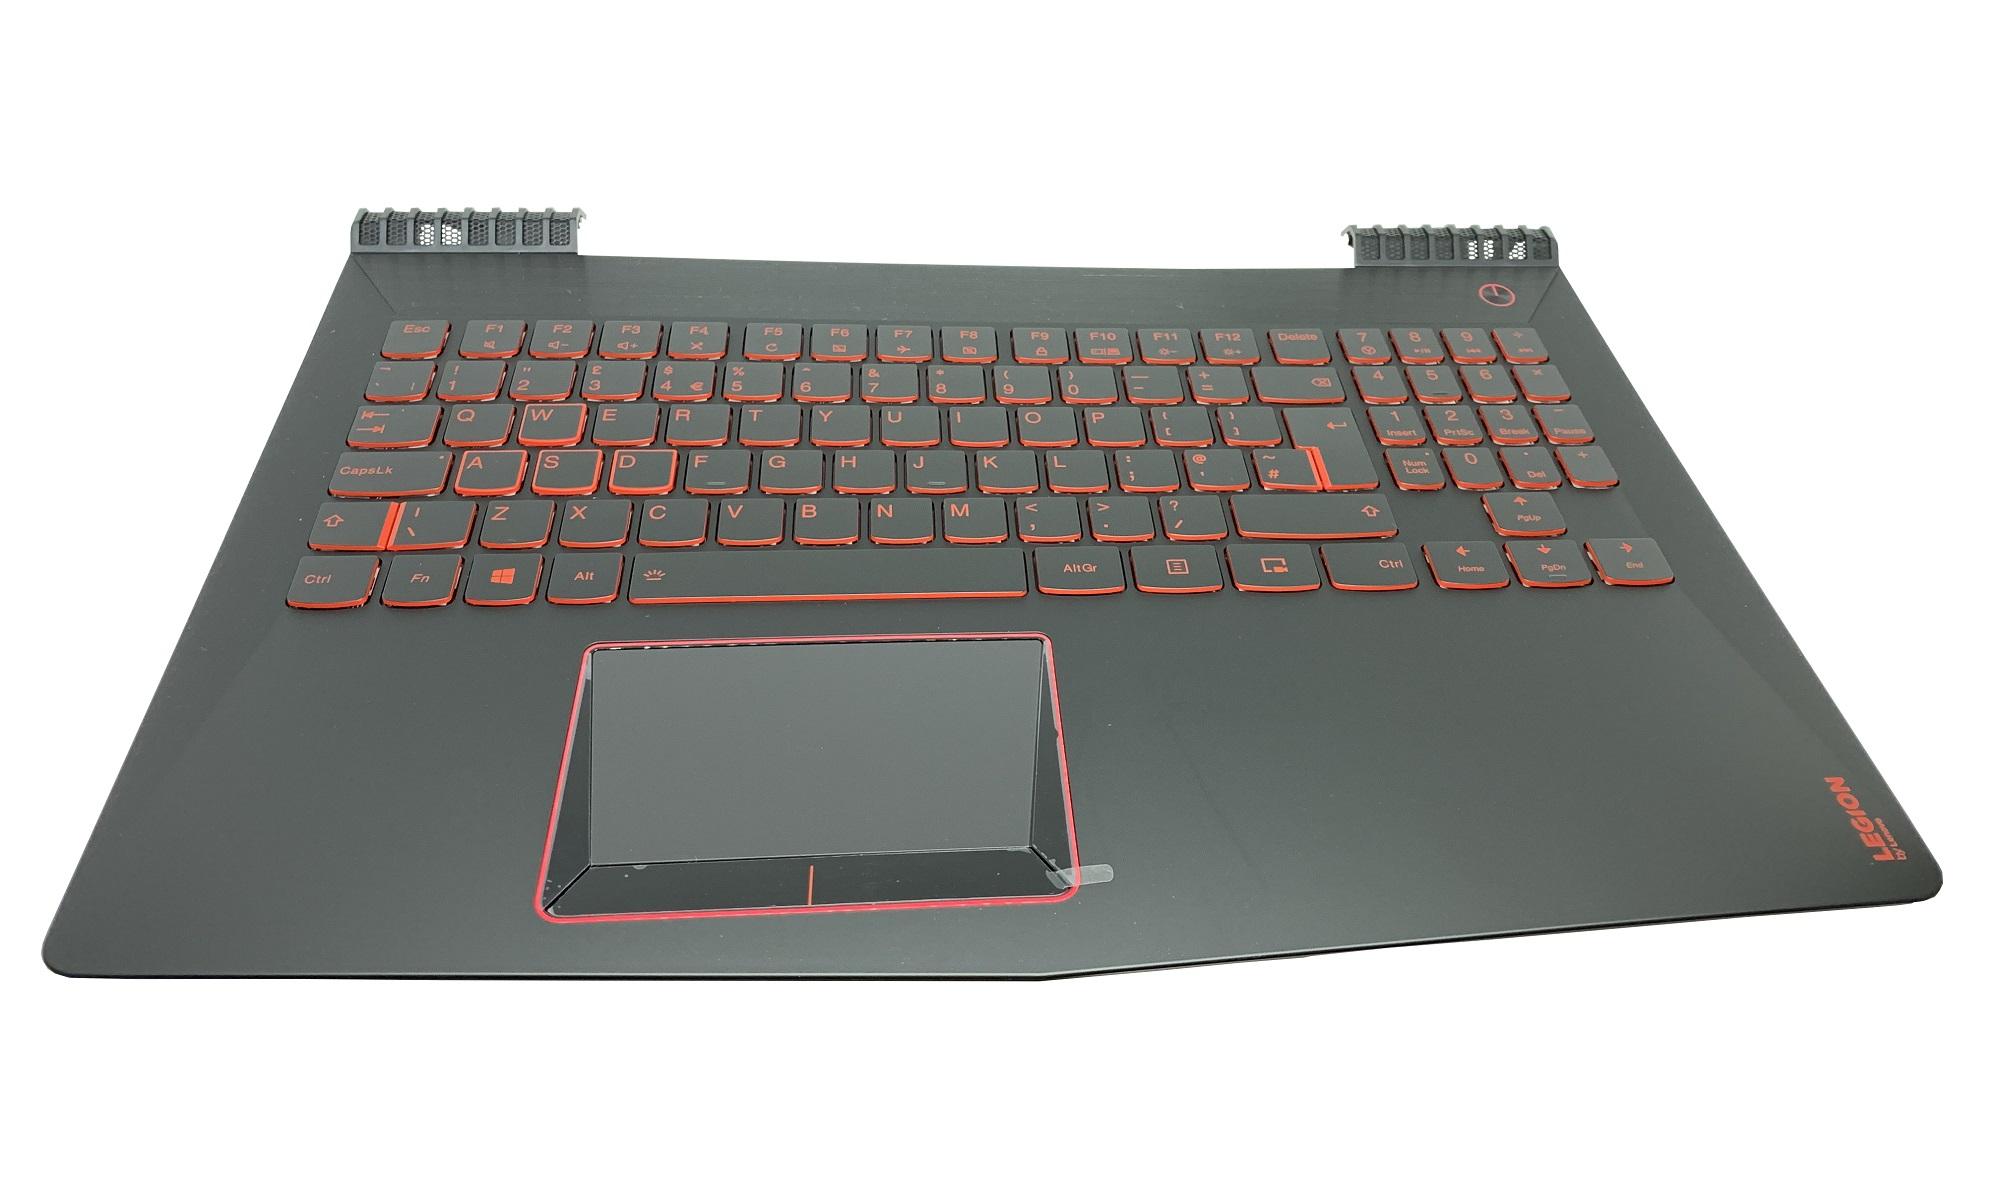 Carcasa superioara si tastatura originala Lenovo Legion Y520-15IKBM, layout UK, iluminata, pentru modele cu machine type 80YY